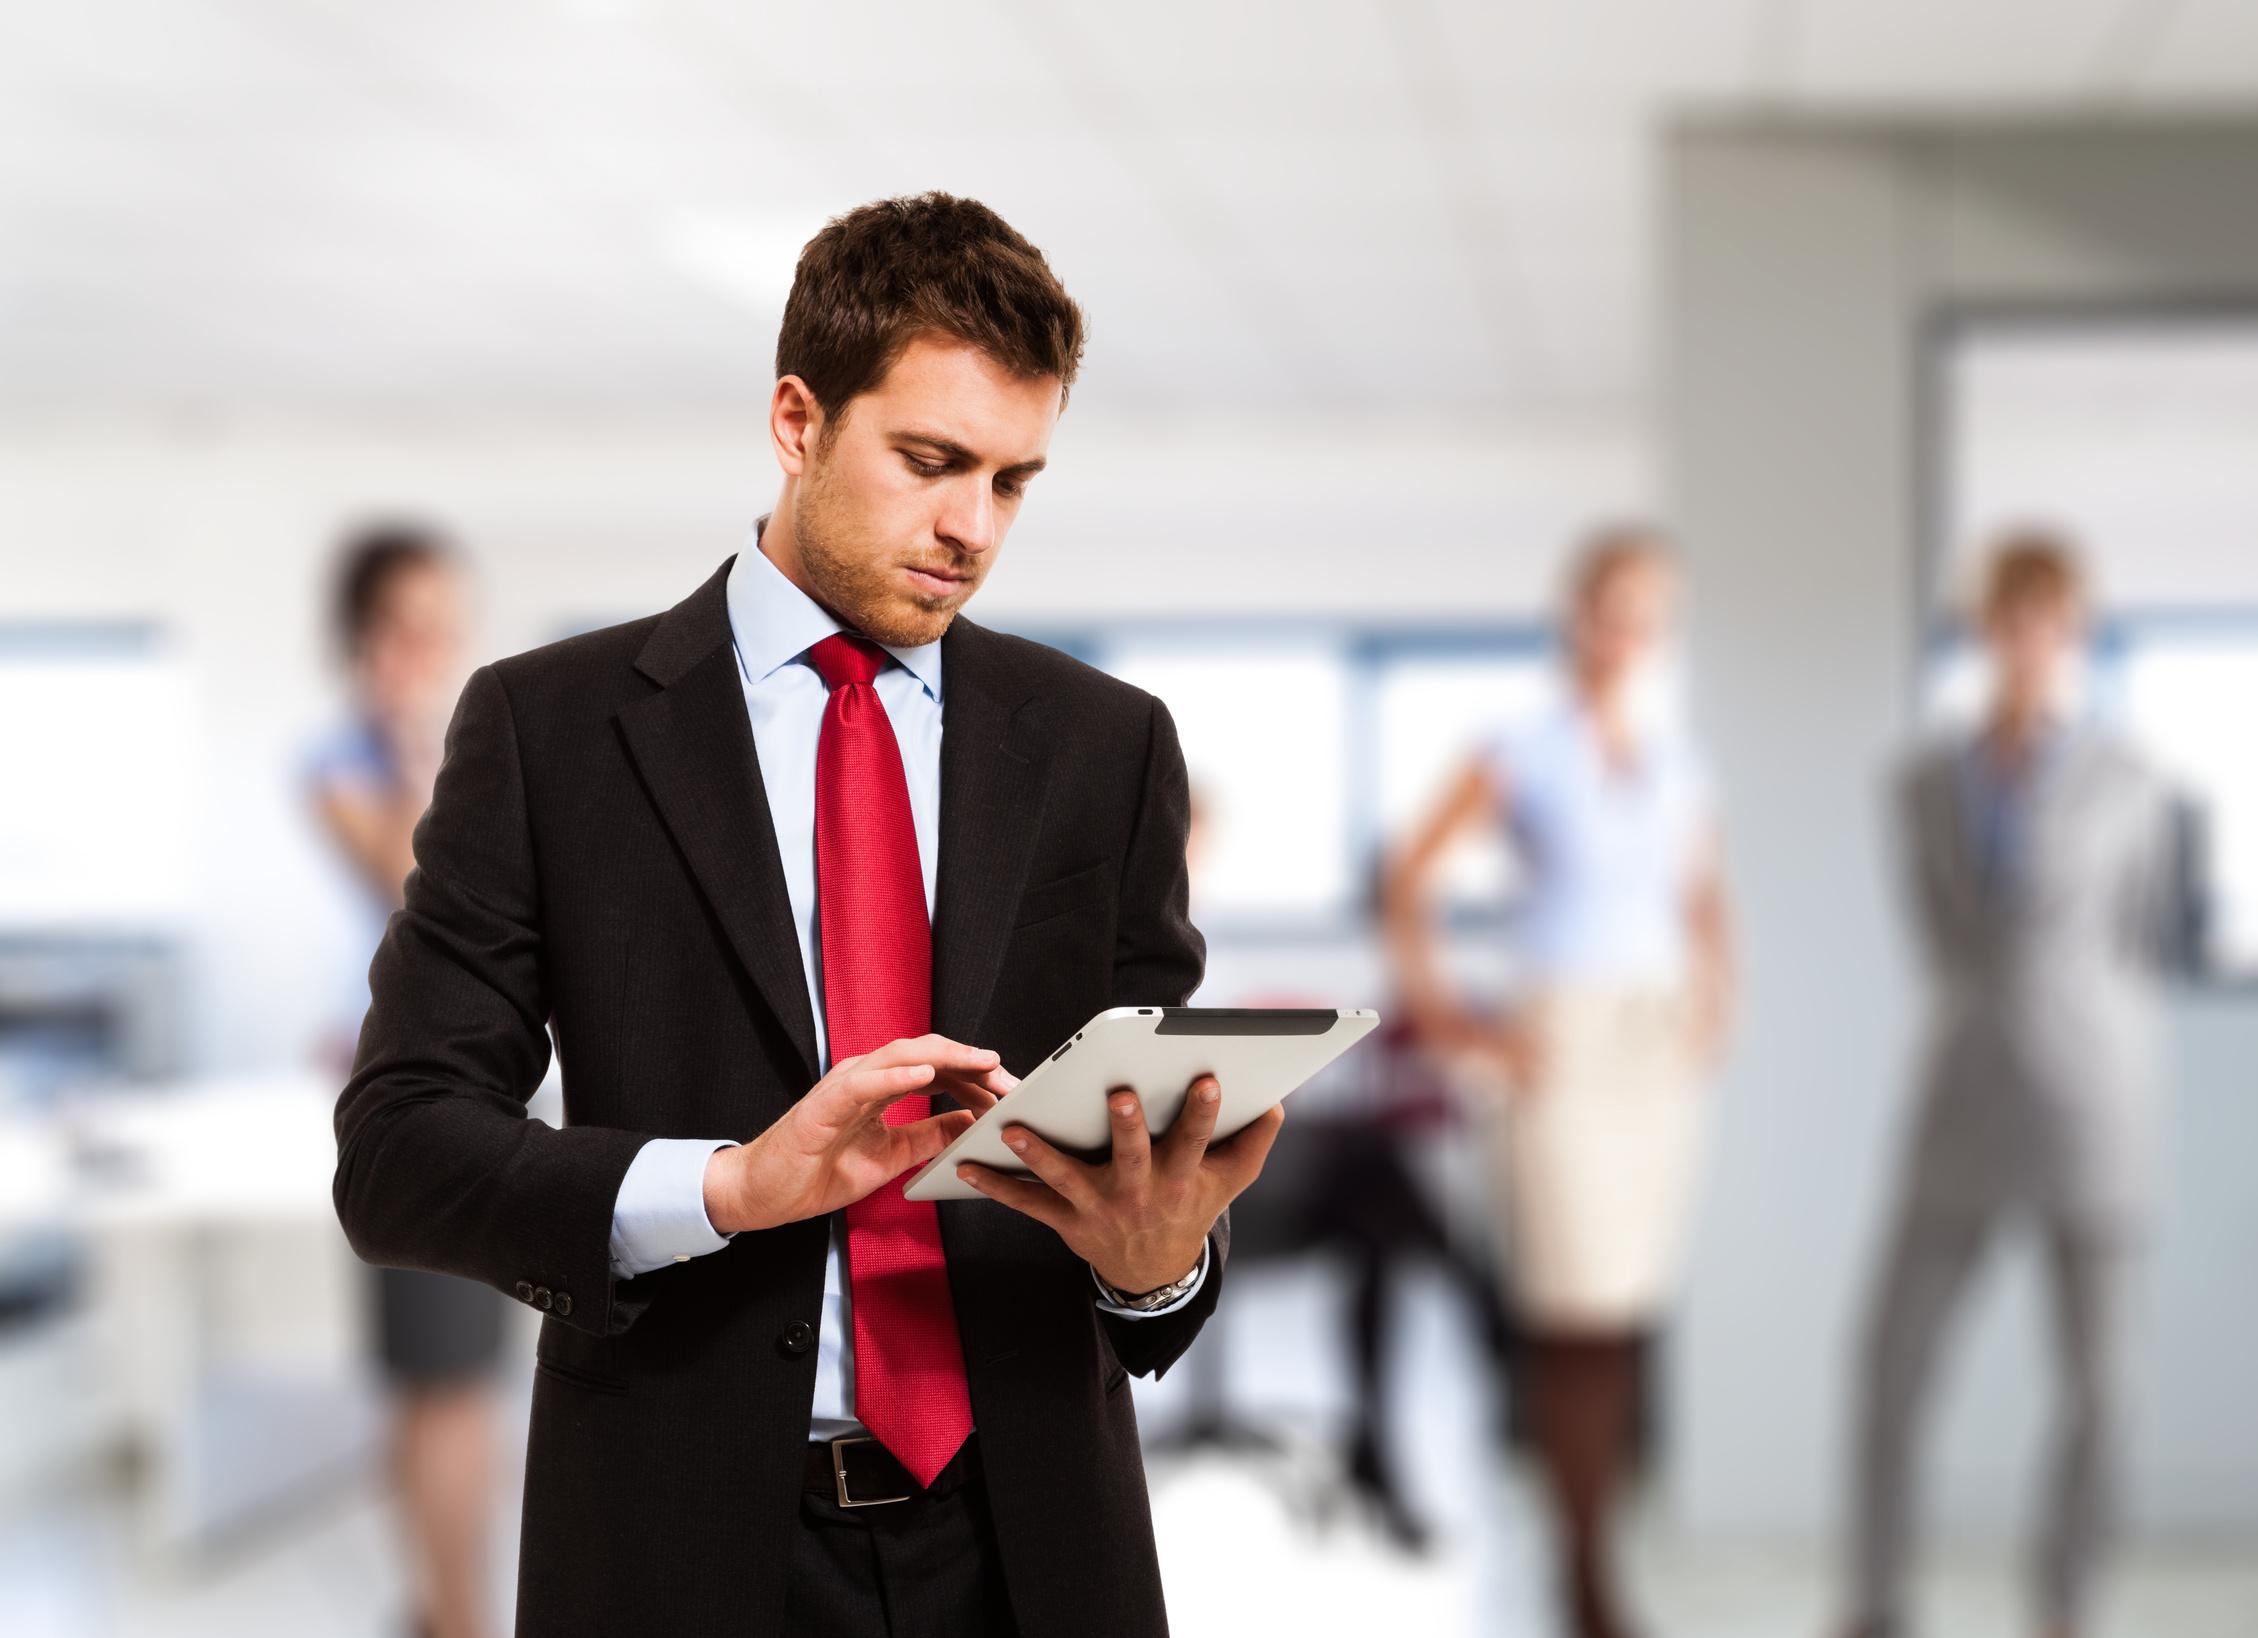 Mobile Sicherheit im Arbeitsalltag